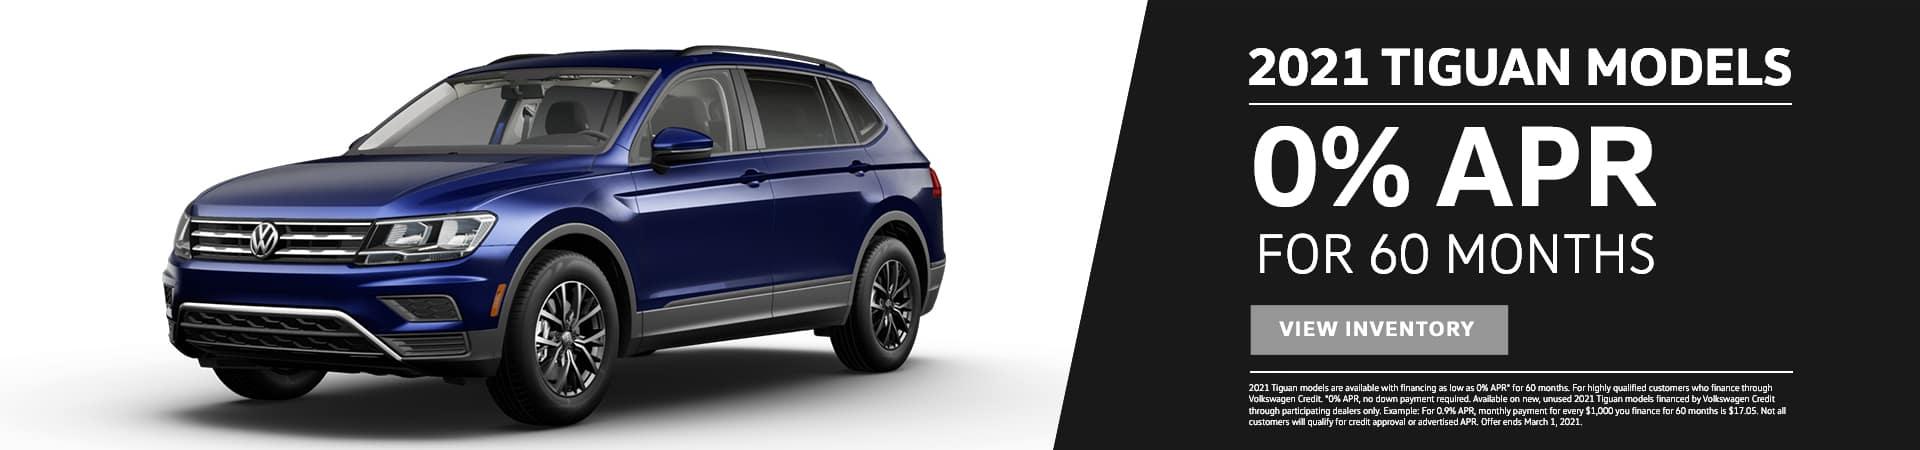 EAG_VW_2021 TIGUAN Models